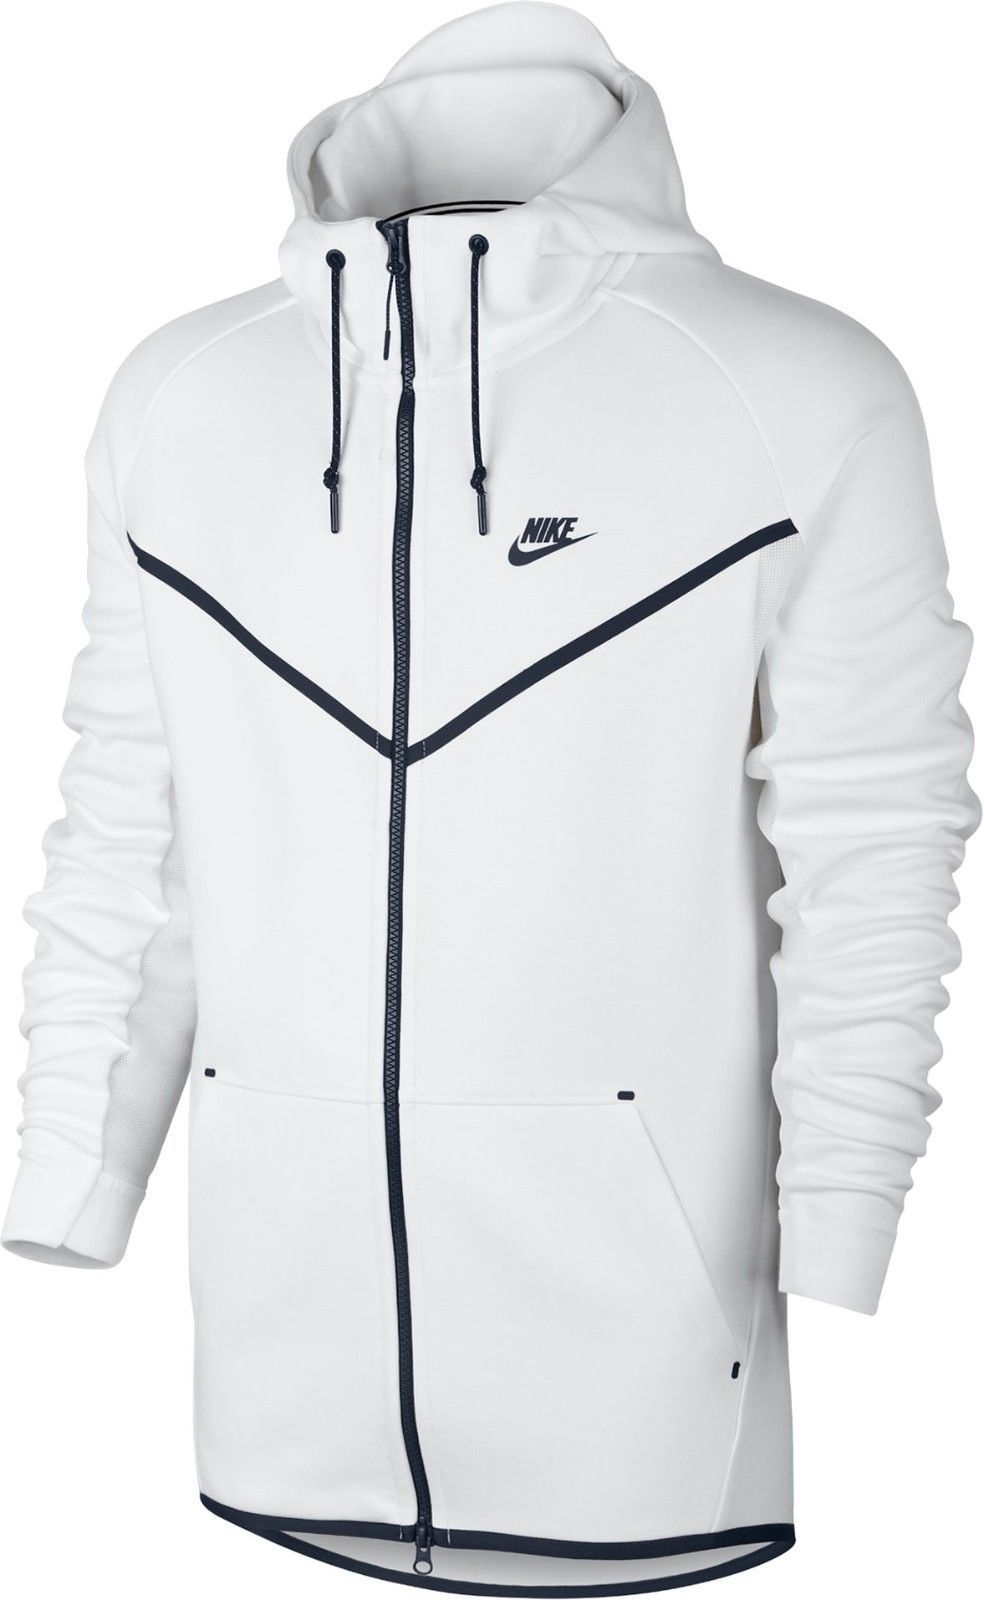 008d31c98 Nike Men's Tech Fleece Windrunner Hero Full Zip Jacket sz XL (727340-100)  White